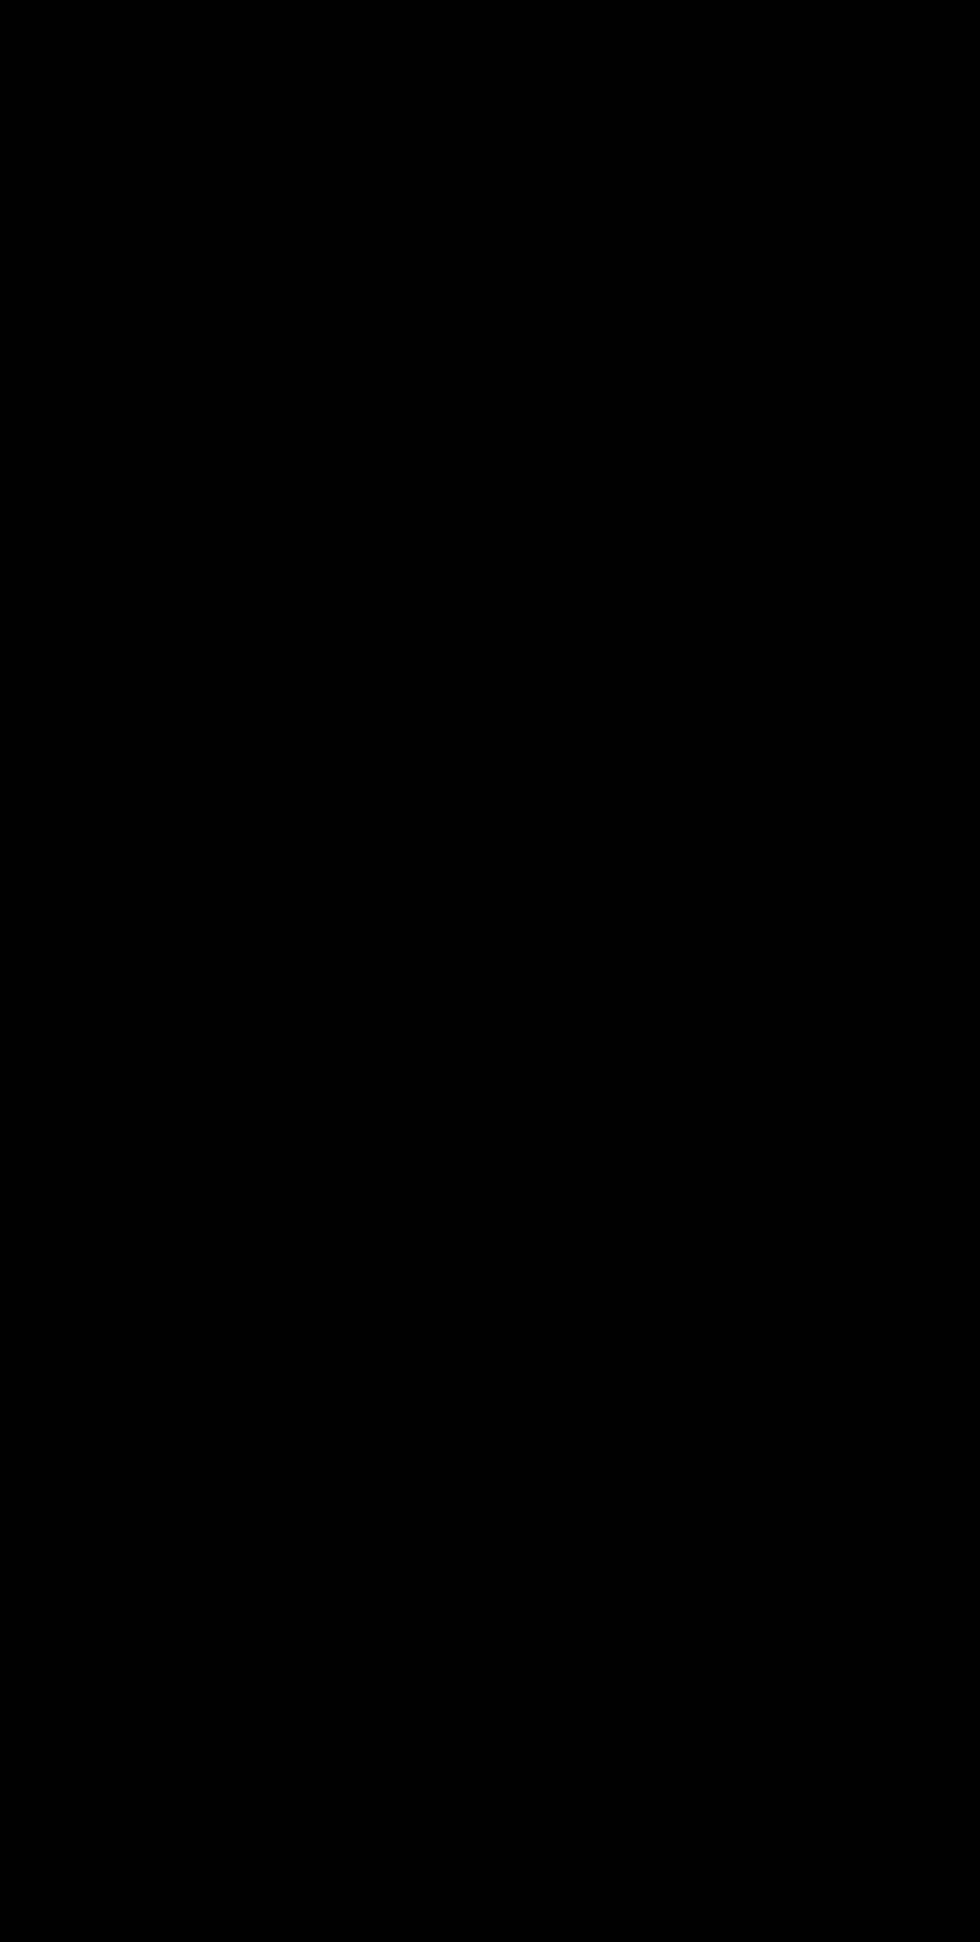 図54.png